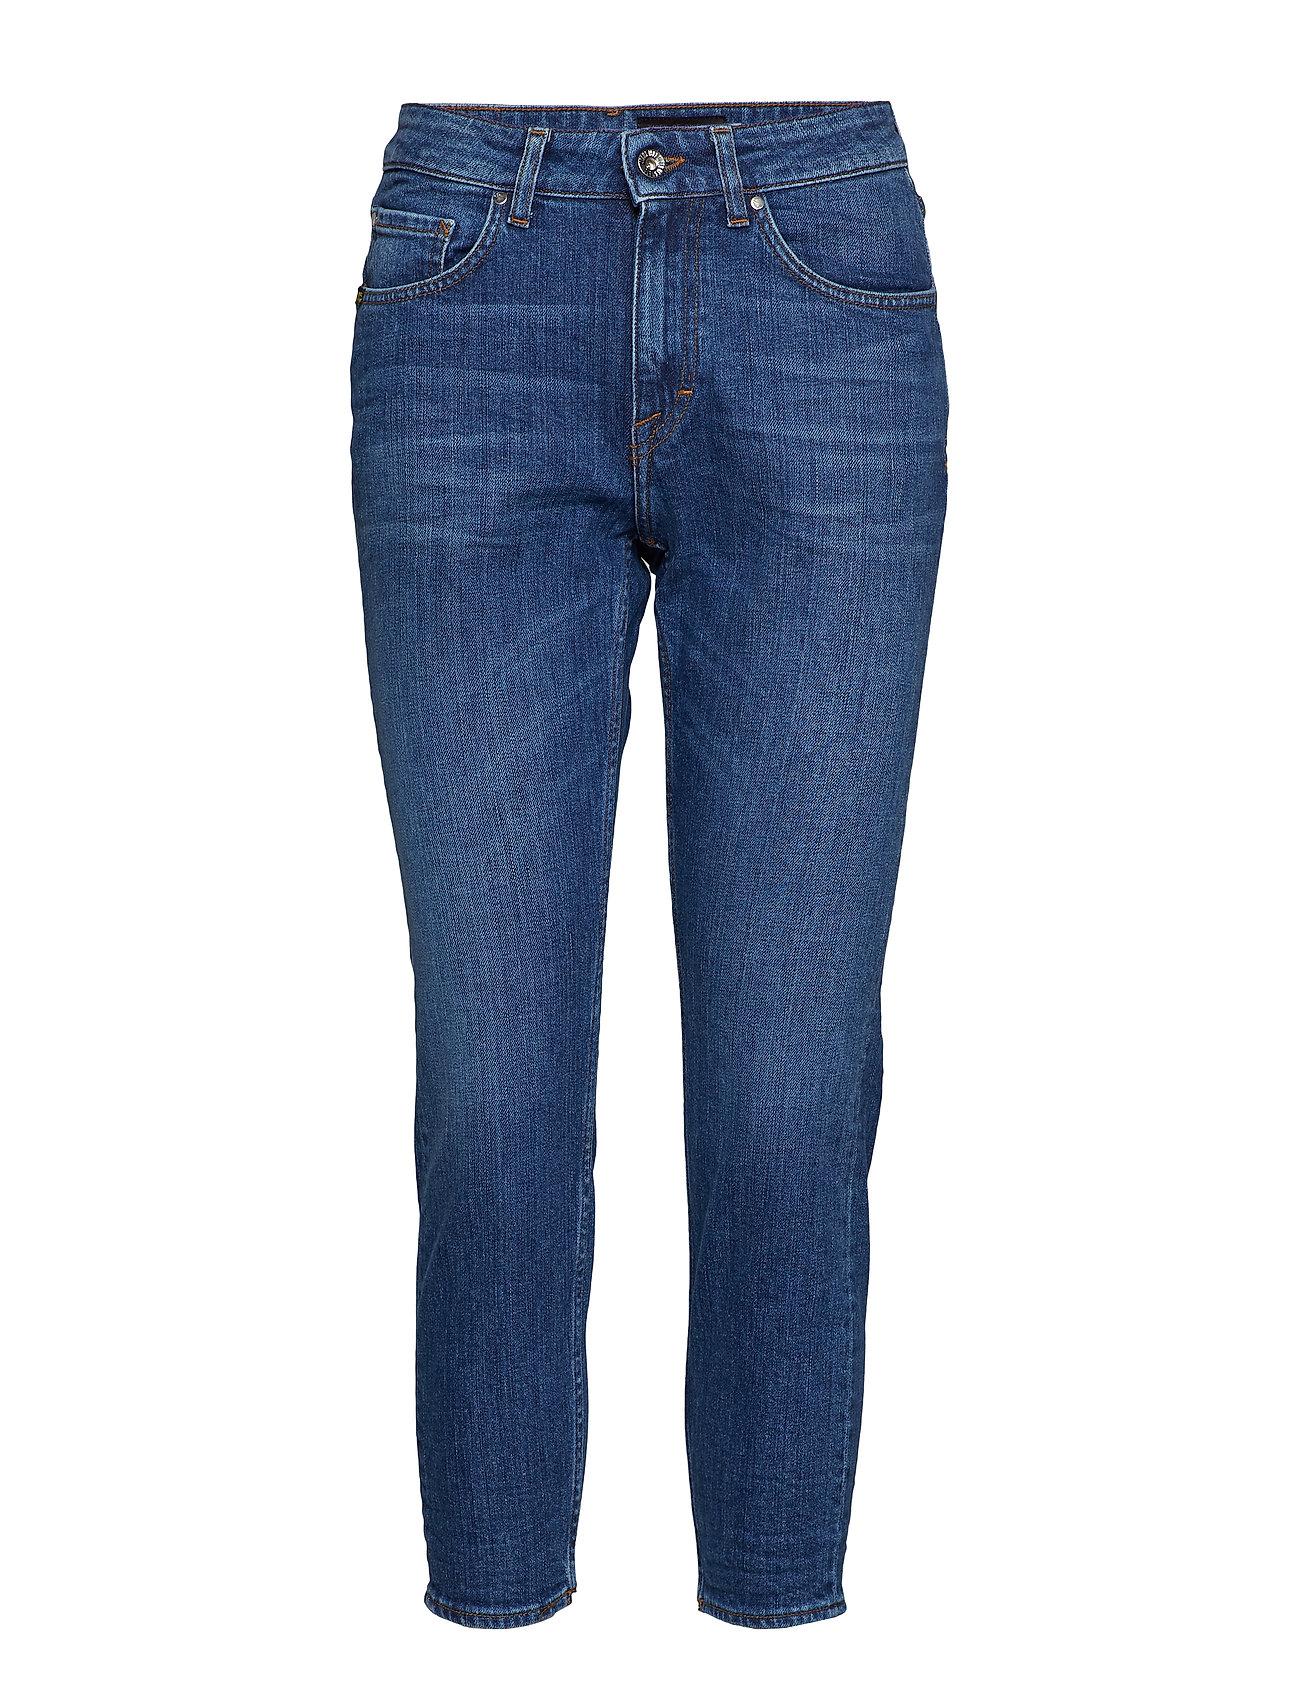 TIGER OF SWEDEN Lea Straight Jeans Hose Mit Geradem Bein Blau TIGER OF SWEDEN JEANS